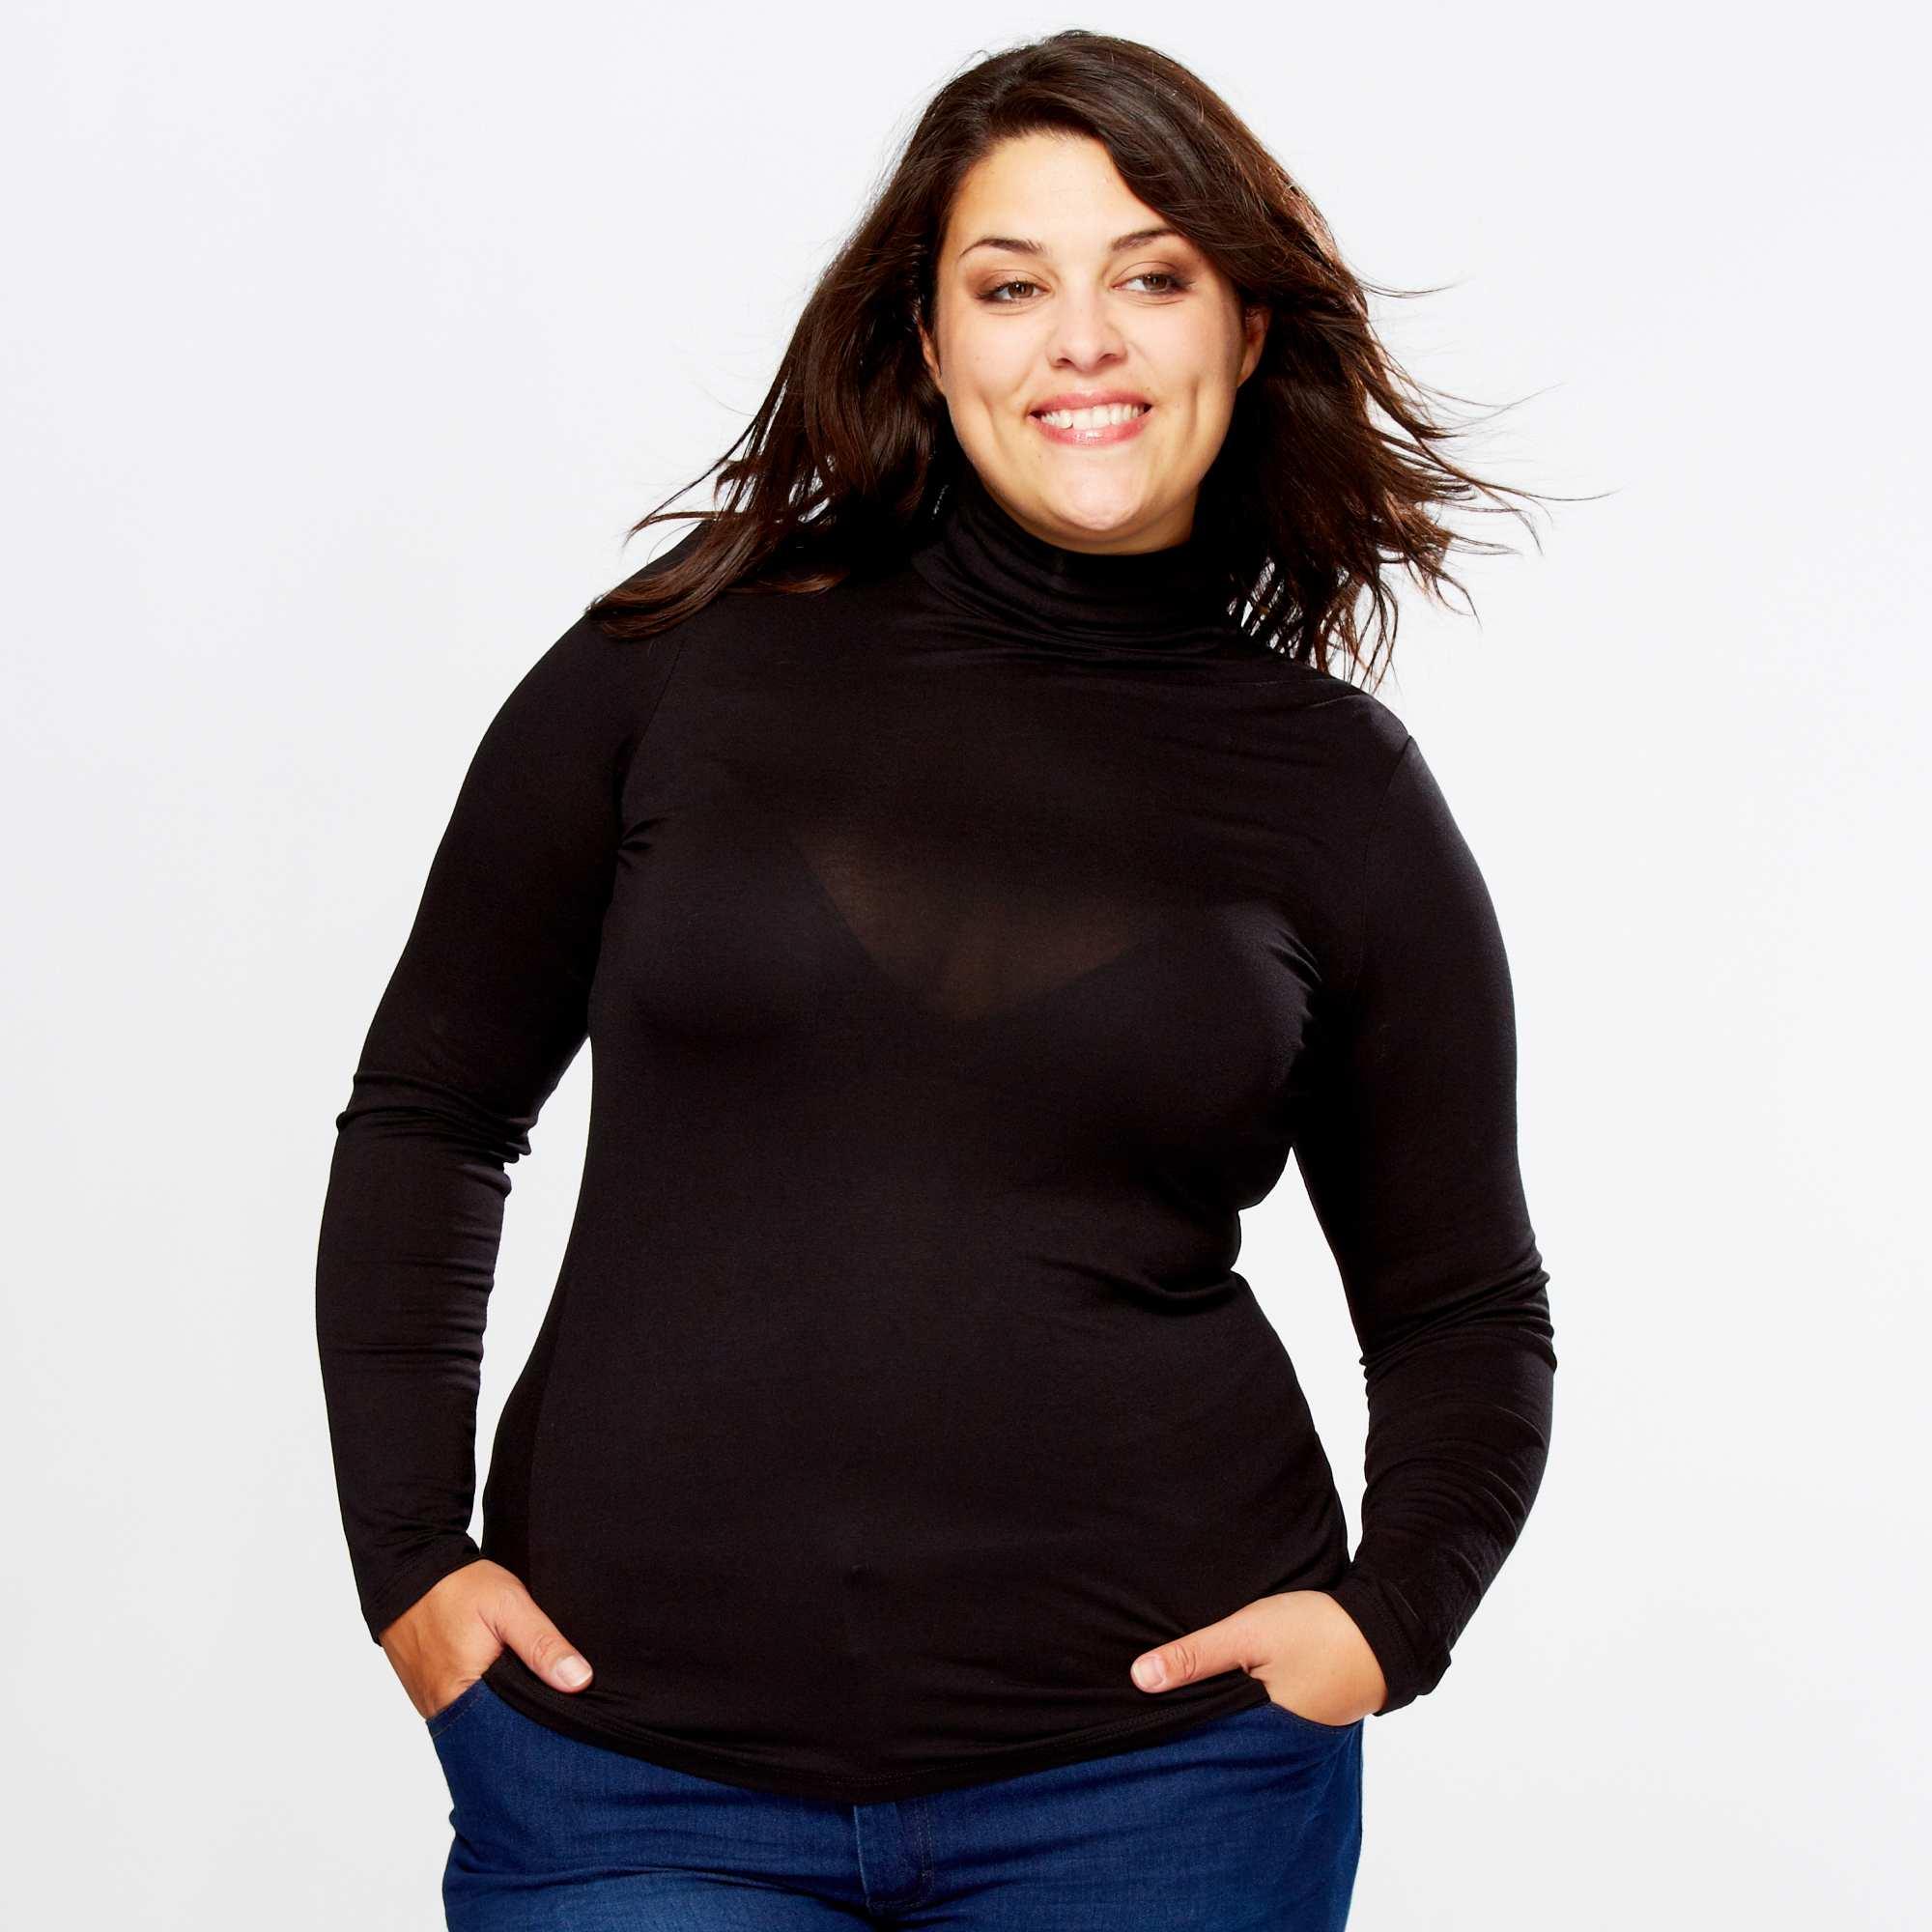 sous pull en jersey grande taille femme noir kiabi 10 00. Black Bedroom Furniture Sets. Home Design Ideas